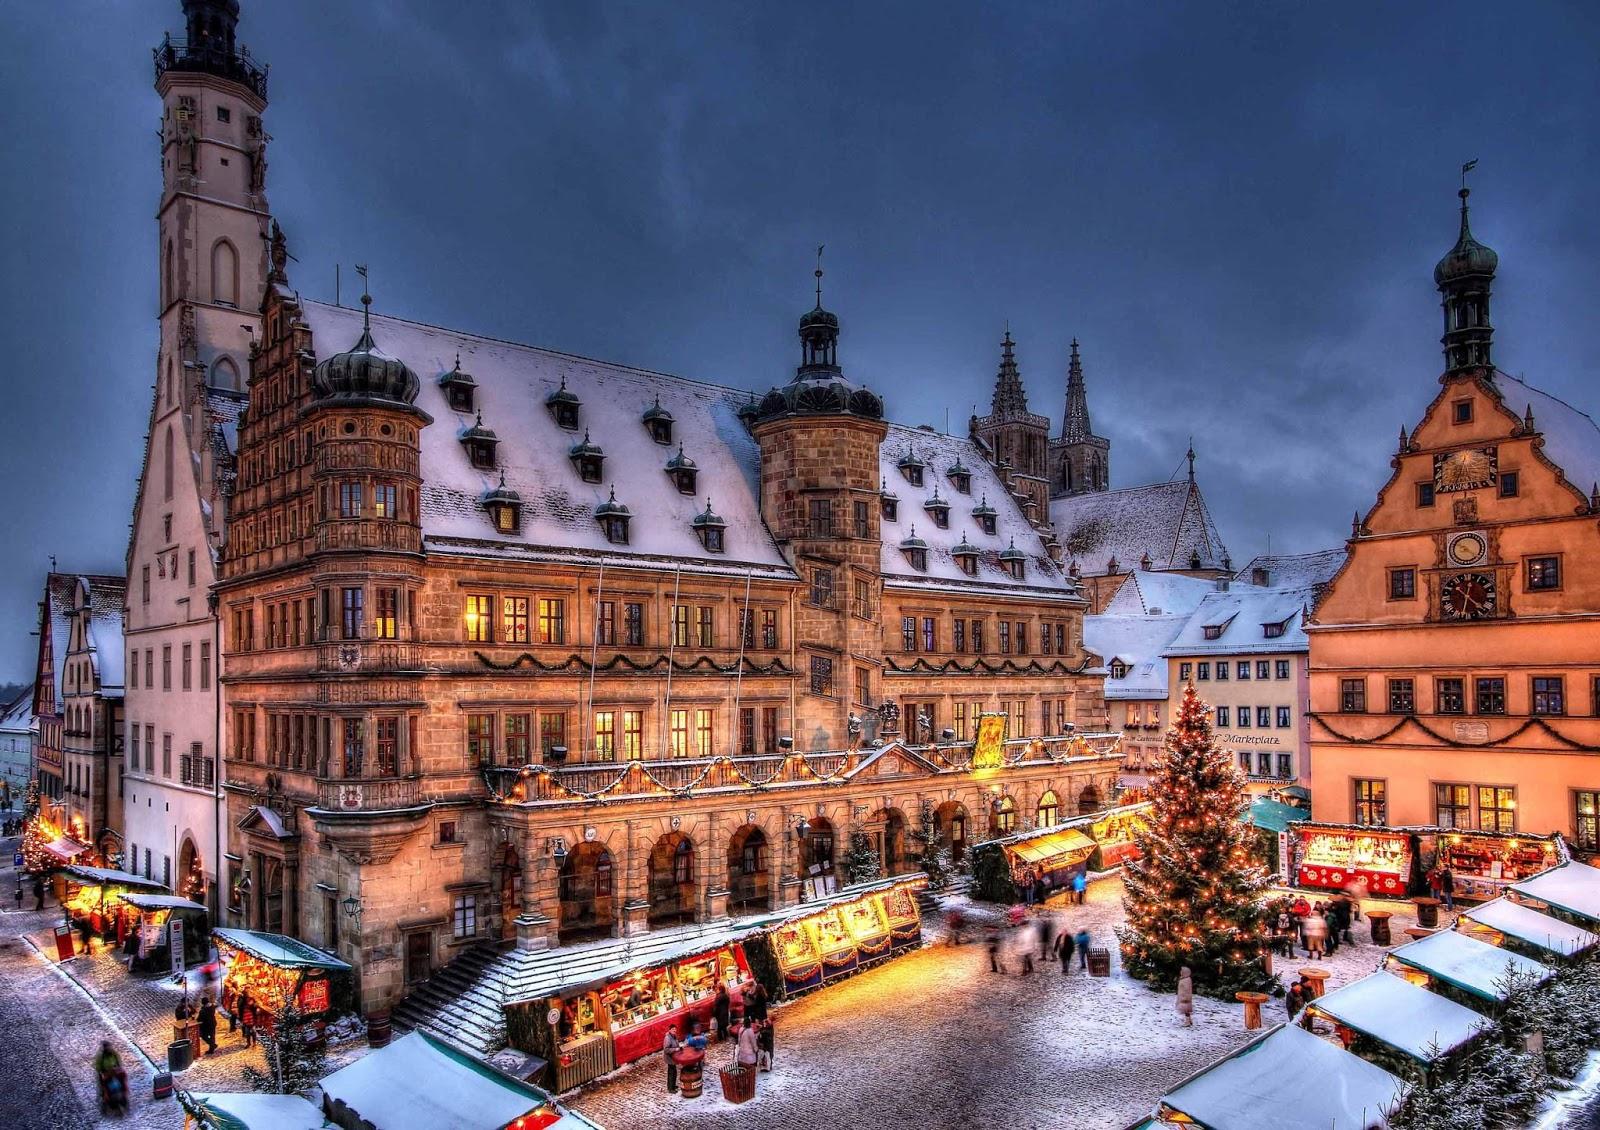 rothenburg-christmas-market-